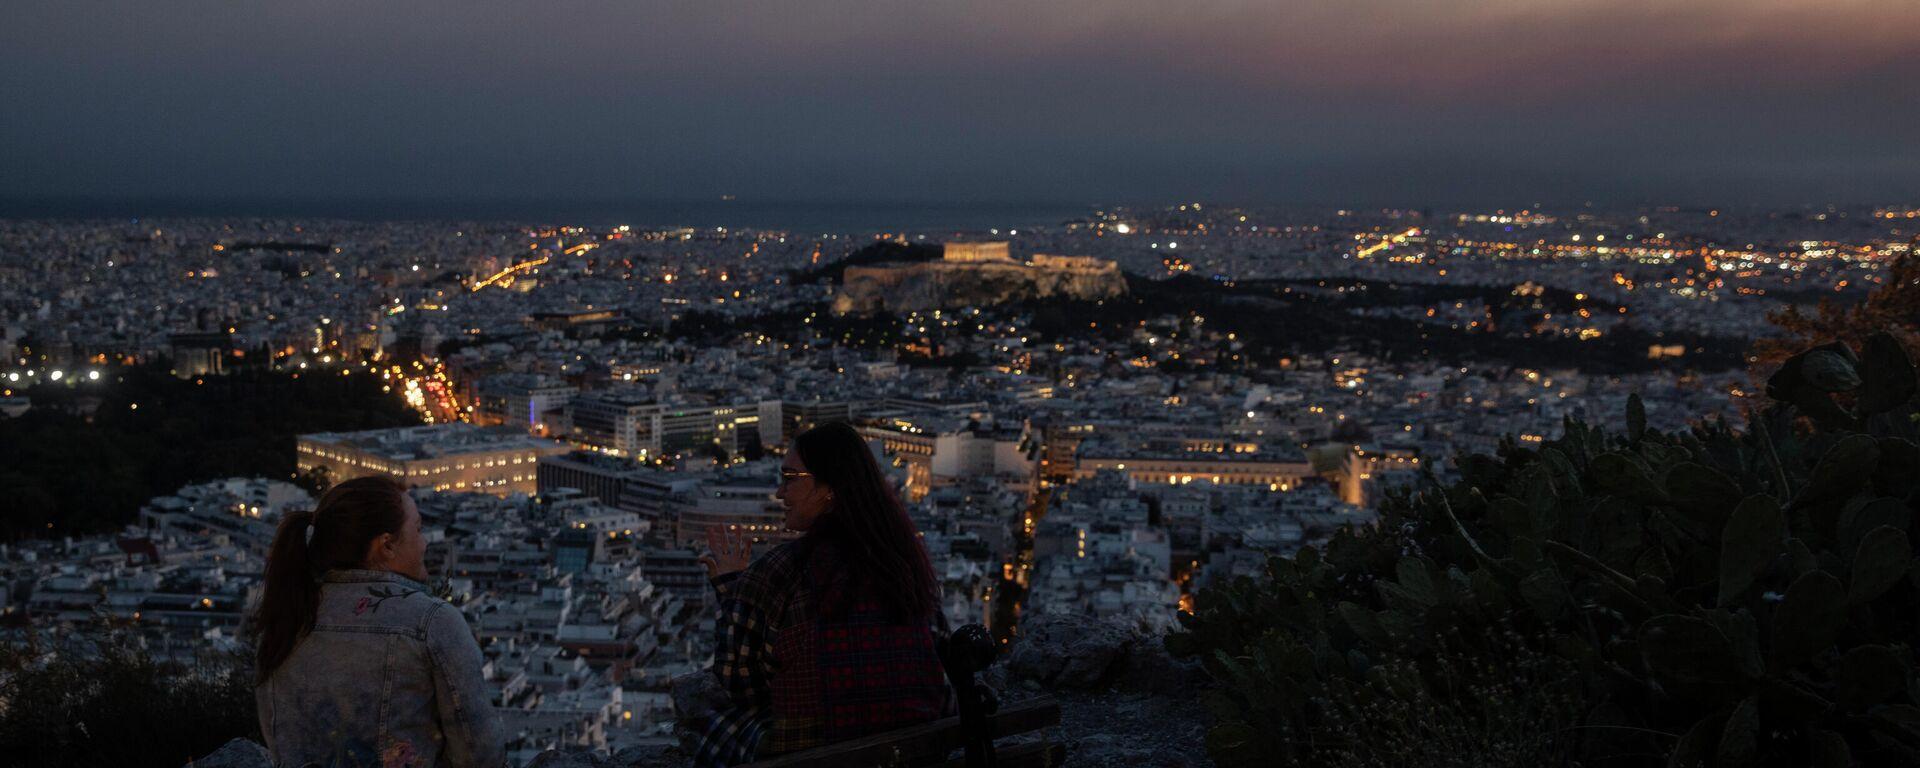 Κορονοϊός στην Αθήνα - Sputnik Ελλάδα, 1920, 17.08.2021